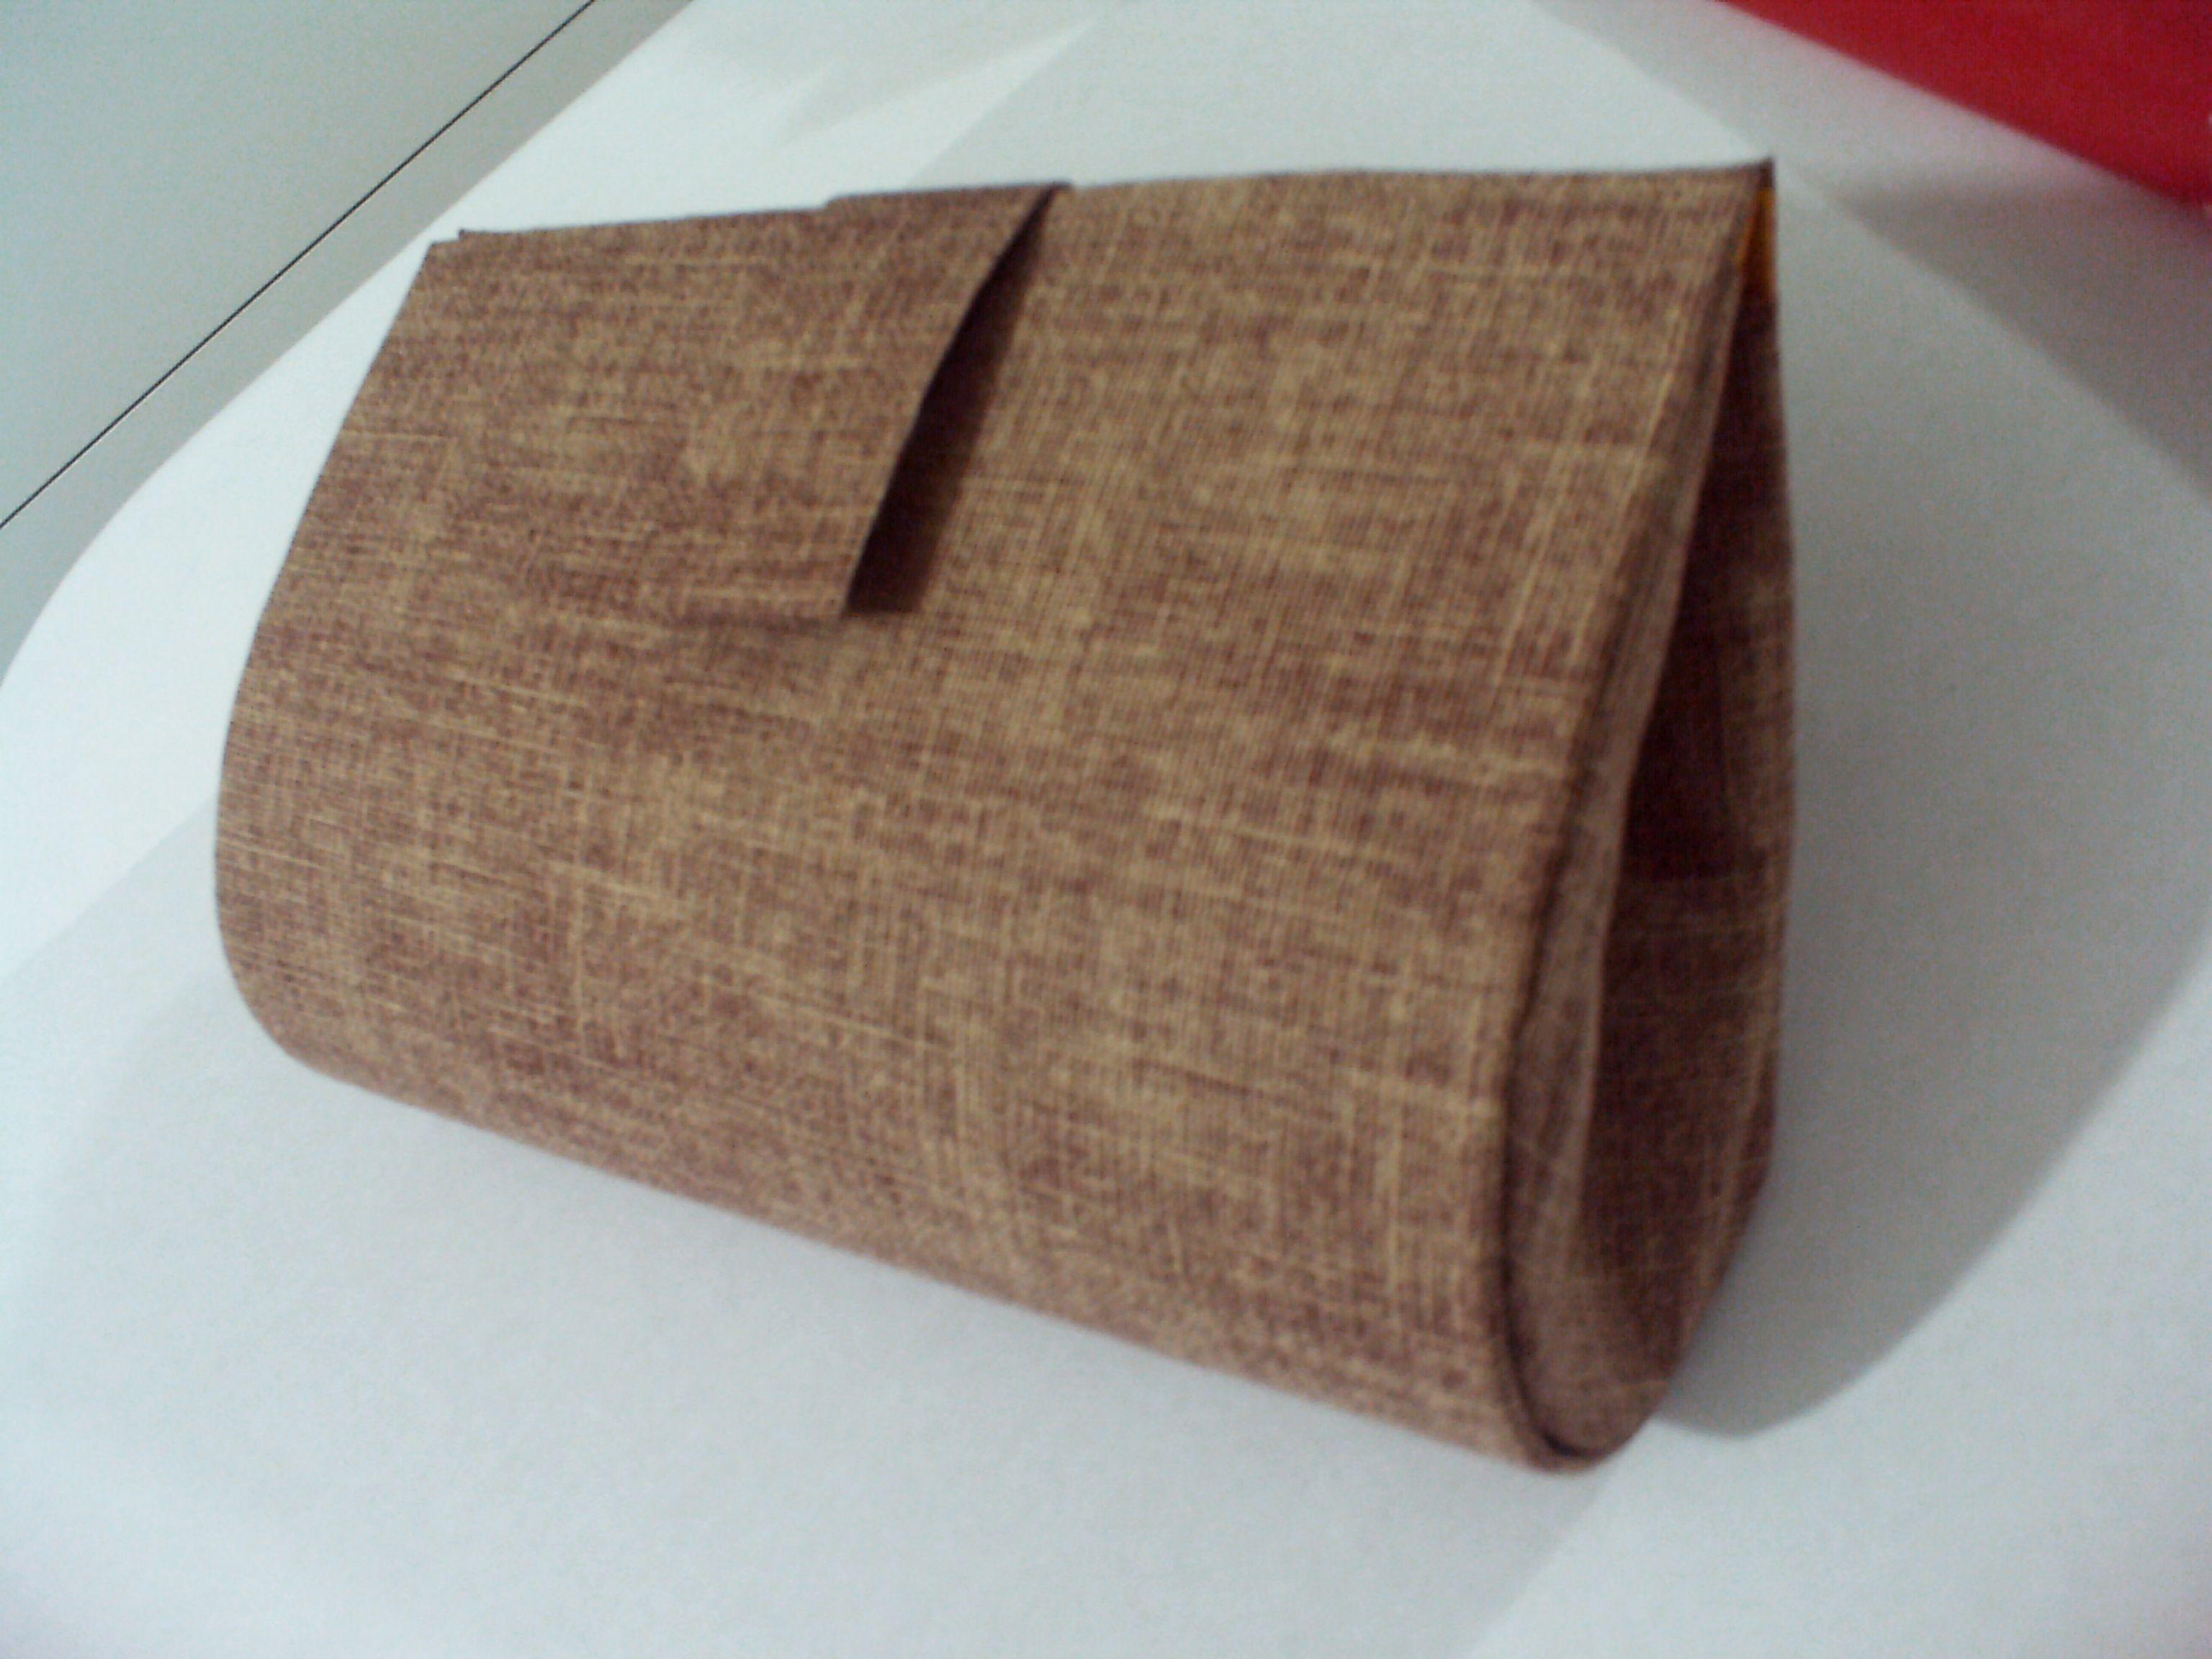 Bolsa Feita Em Cartonagem : Bolsa cartonagem tecido em algod?o